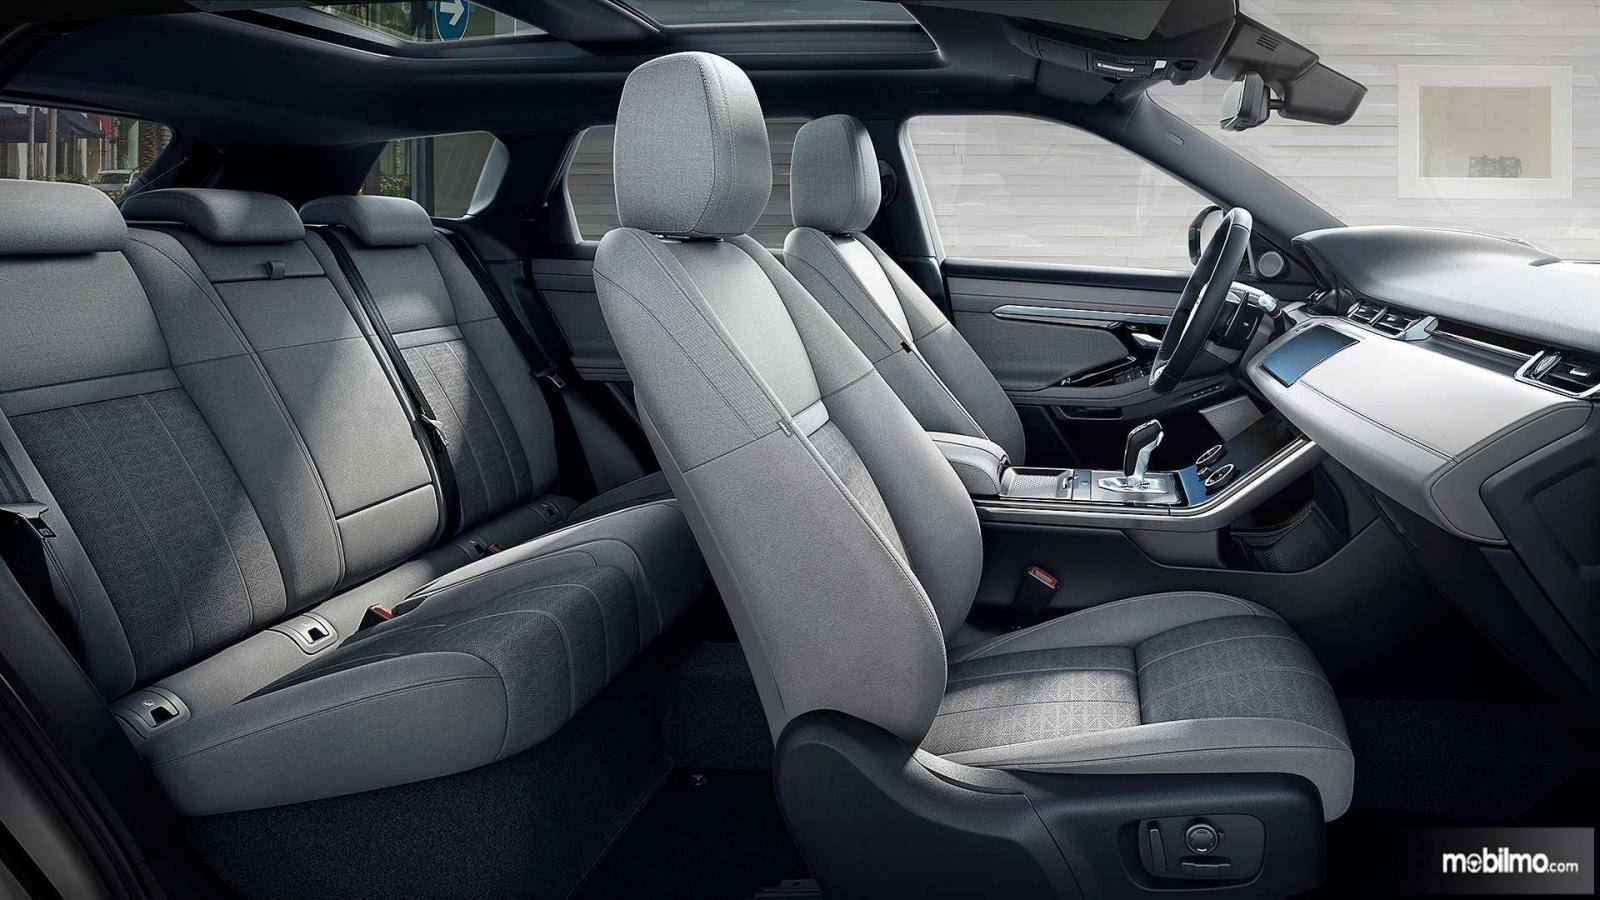 Gambar kursi Land Rover Range Rover Evoque 2019